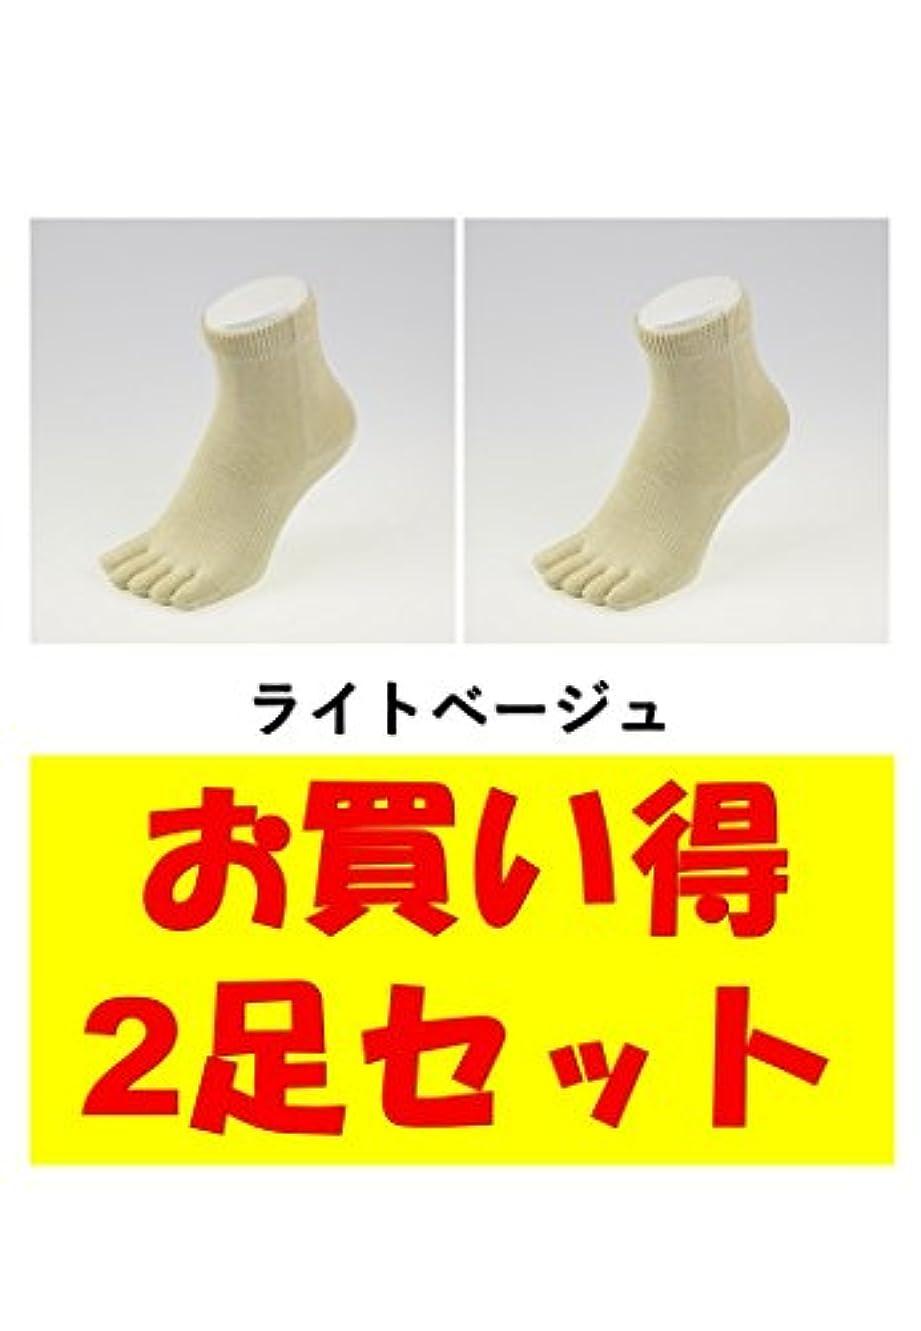 アヒル力強い住所お買い得2足セット 5本指 ゆびのばソックス Neo EVE(イヴ) ライトベージュ iサイズ(23.5cm - 25.5cm) YSNEVE-BGE